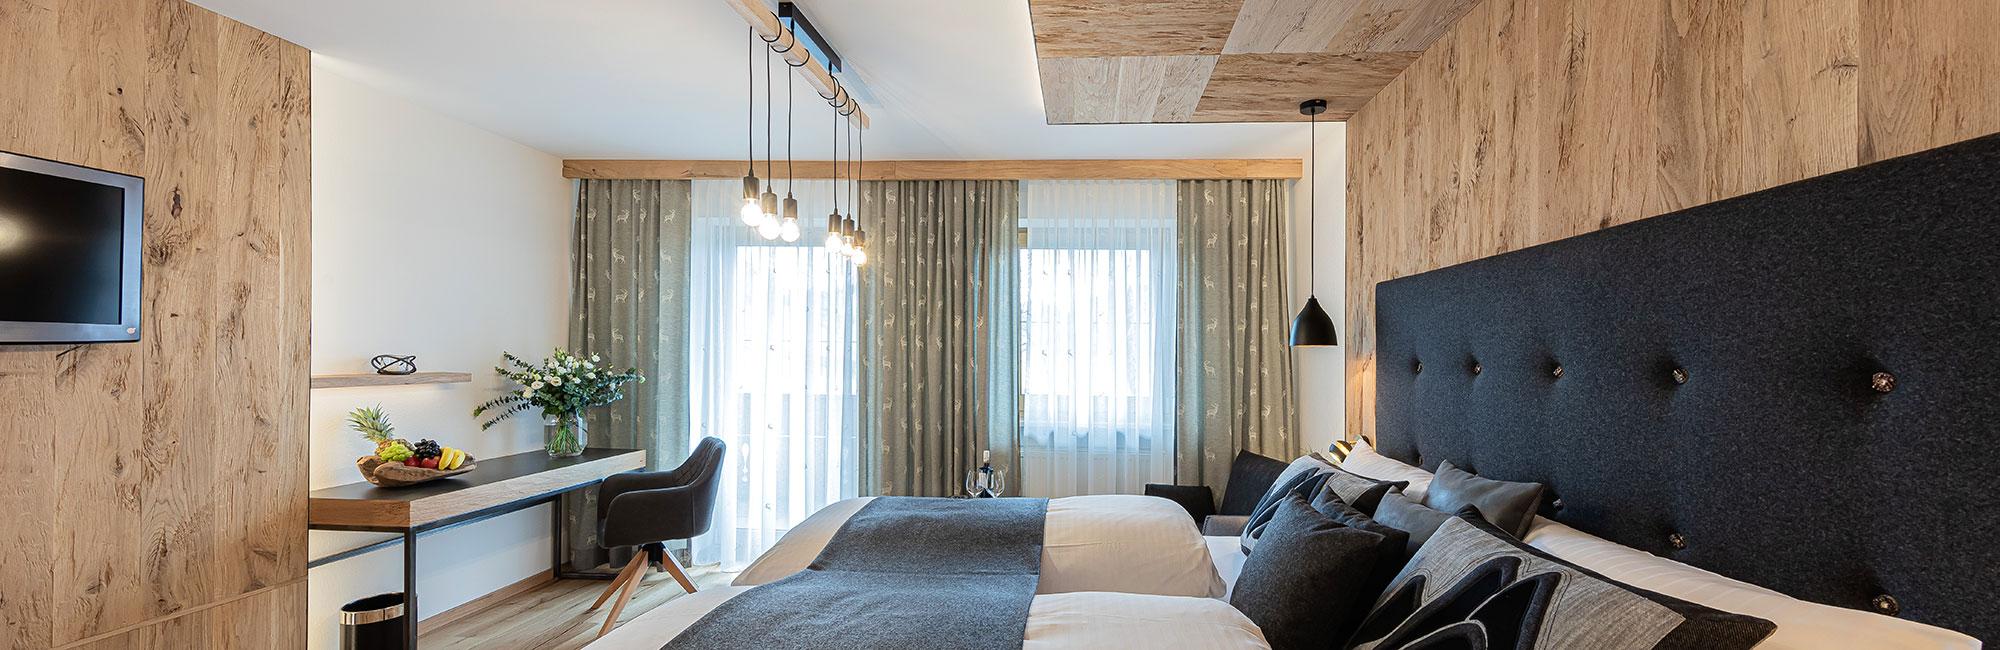 Hoteleinrichtung | Hotelzimmer Typ Sternentraum